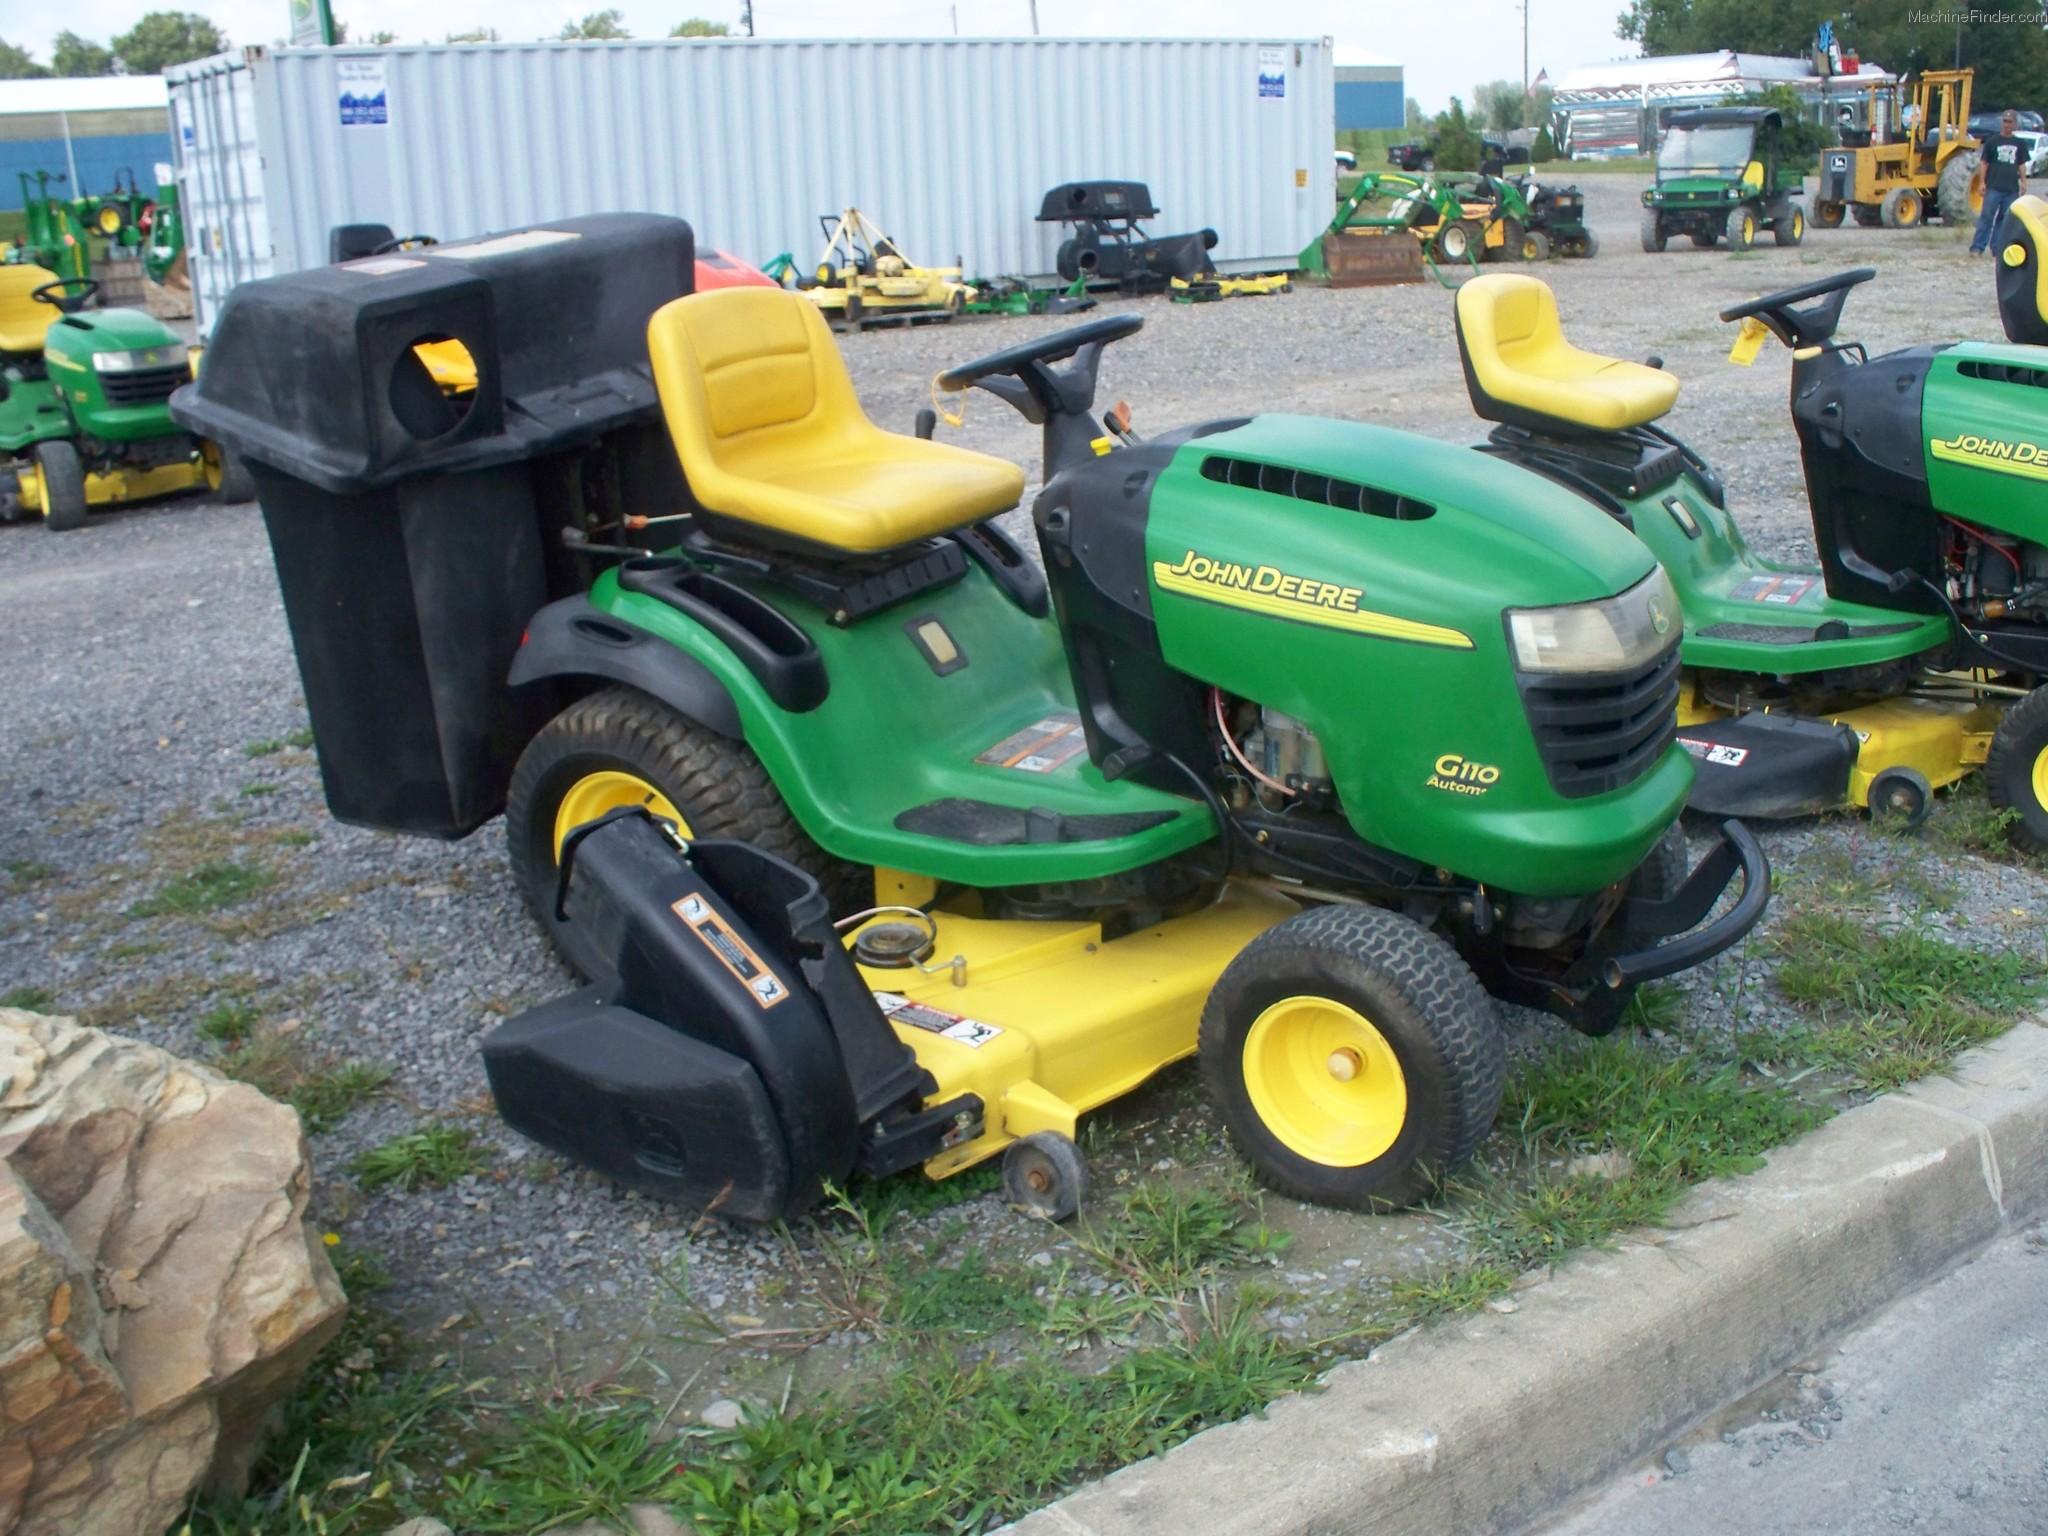 2004 John Deere G110 Lawn & Garden and Commercial Mowing - John Deere ...